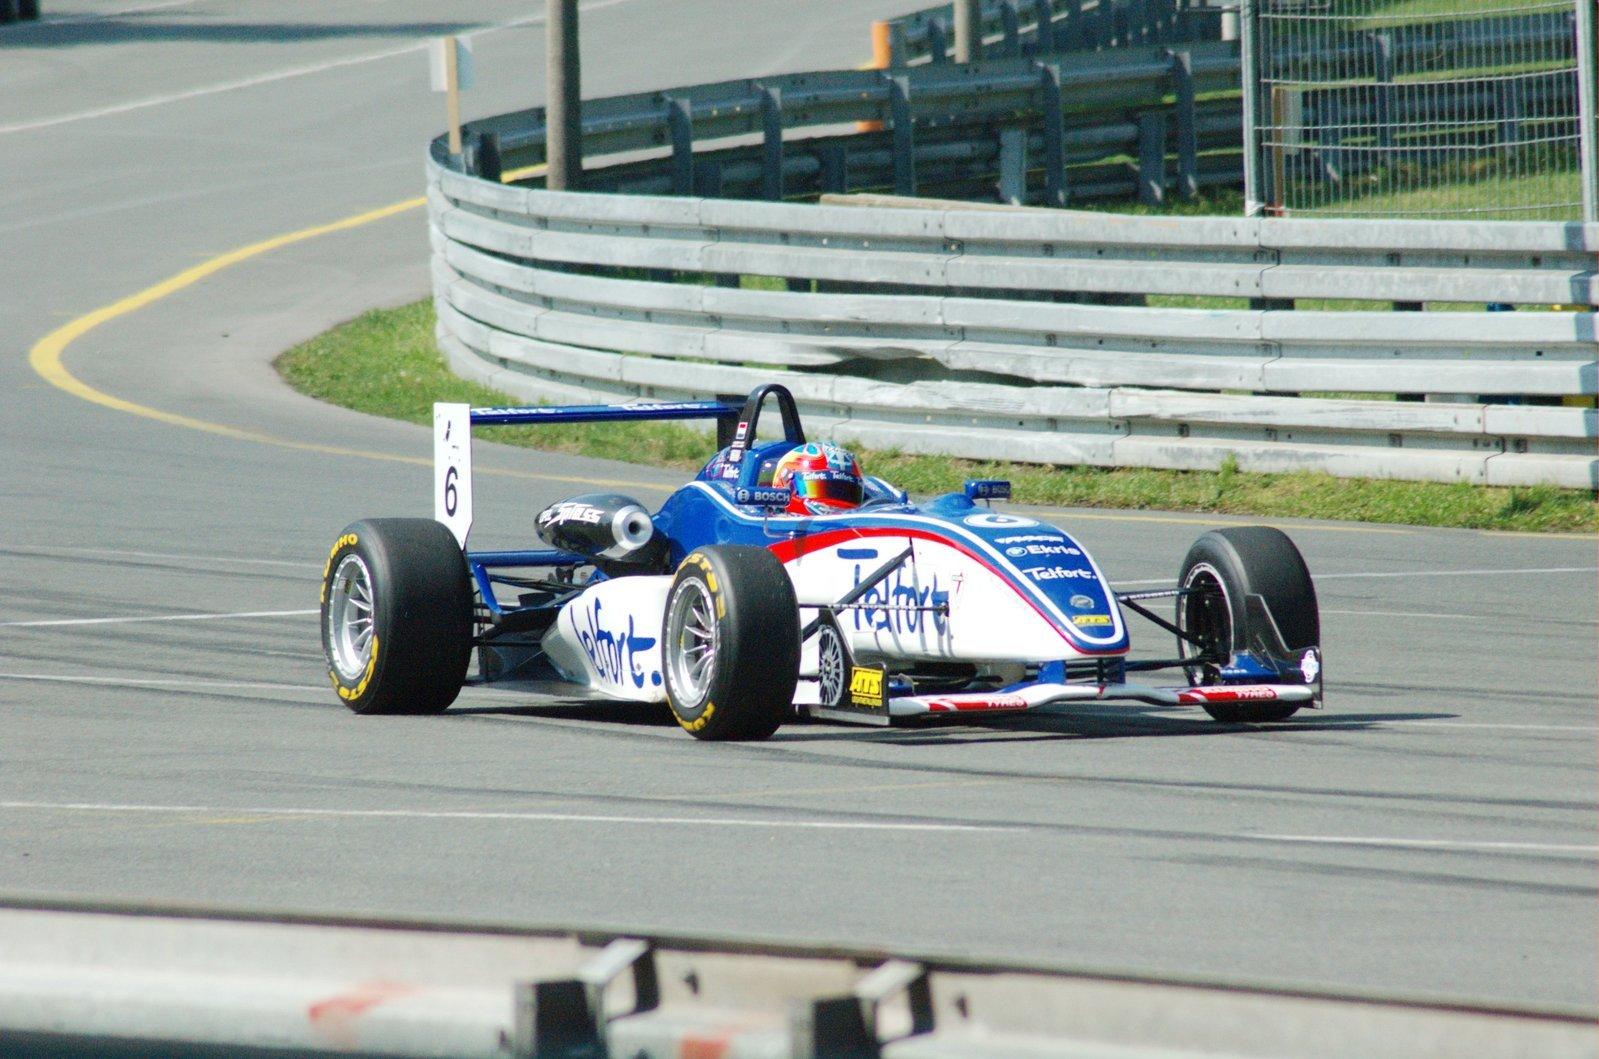 Formel car